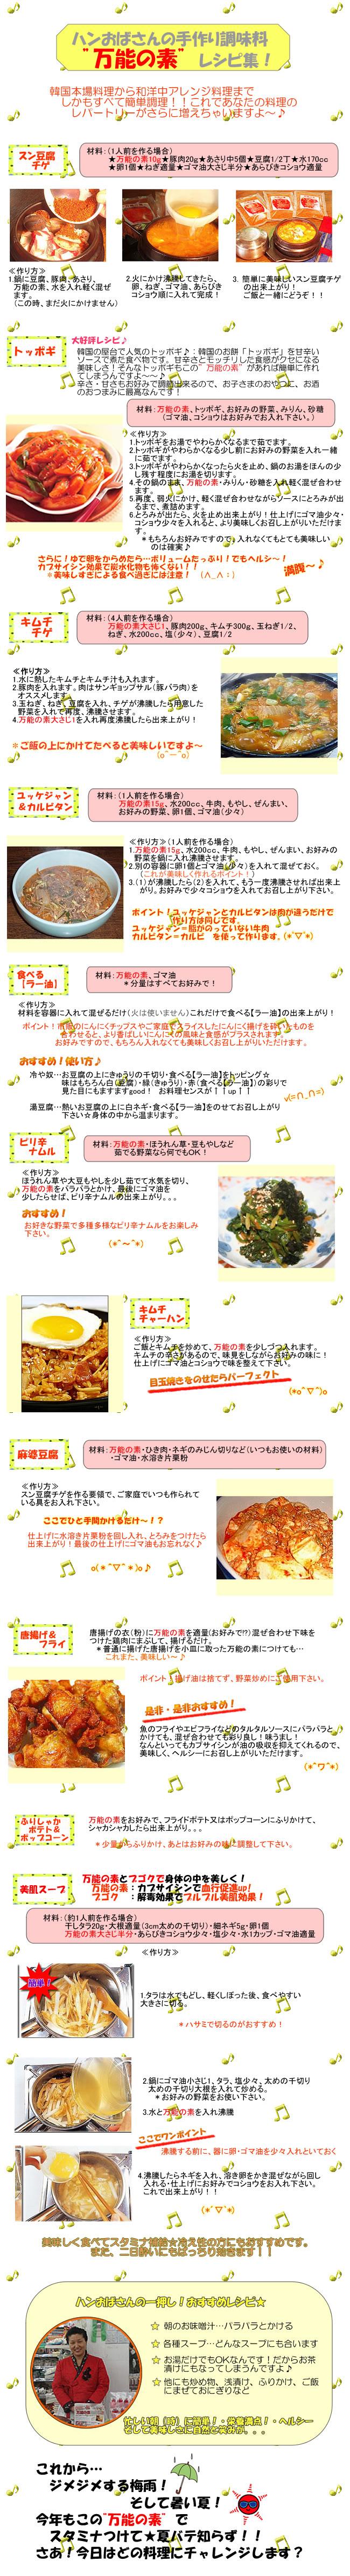 """ハンおばさんの手作り調味料""""万能の素""""簡単レシピ集!"""